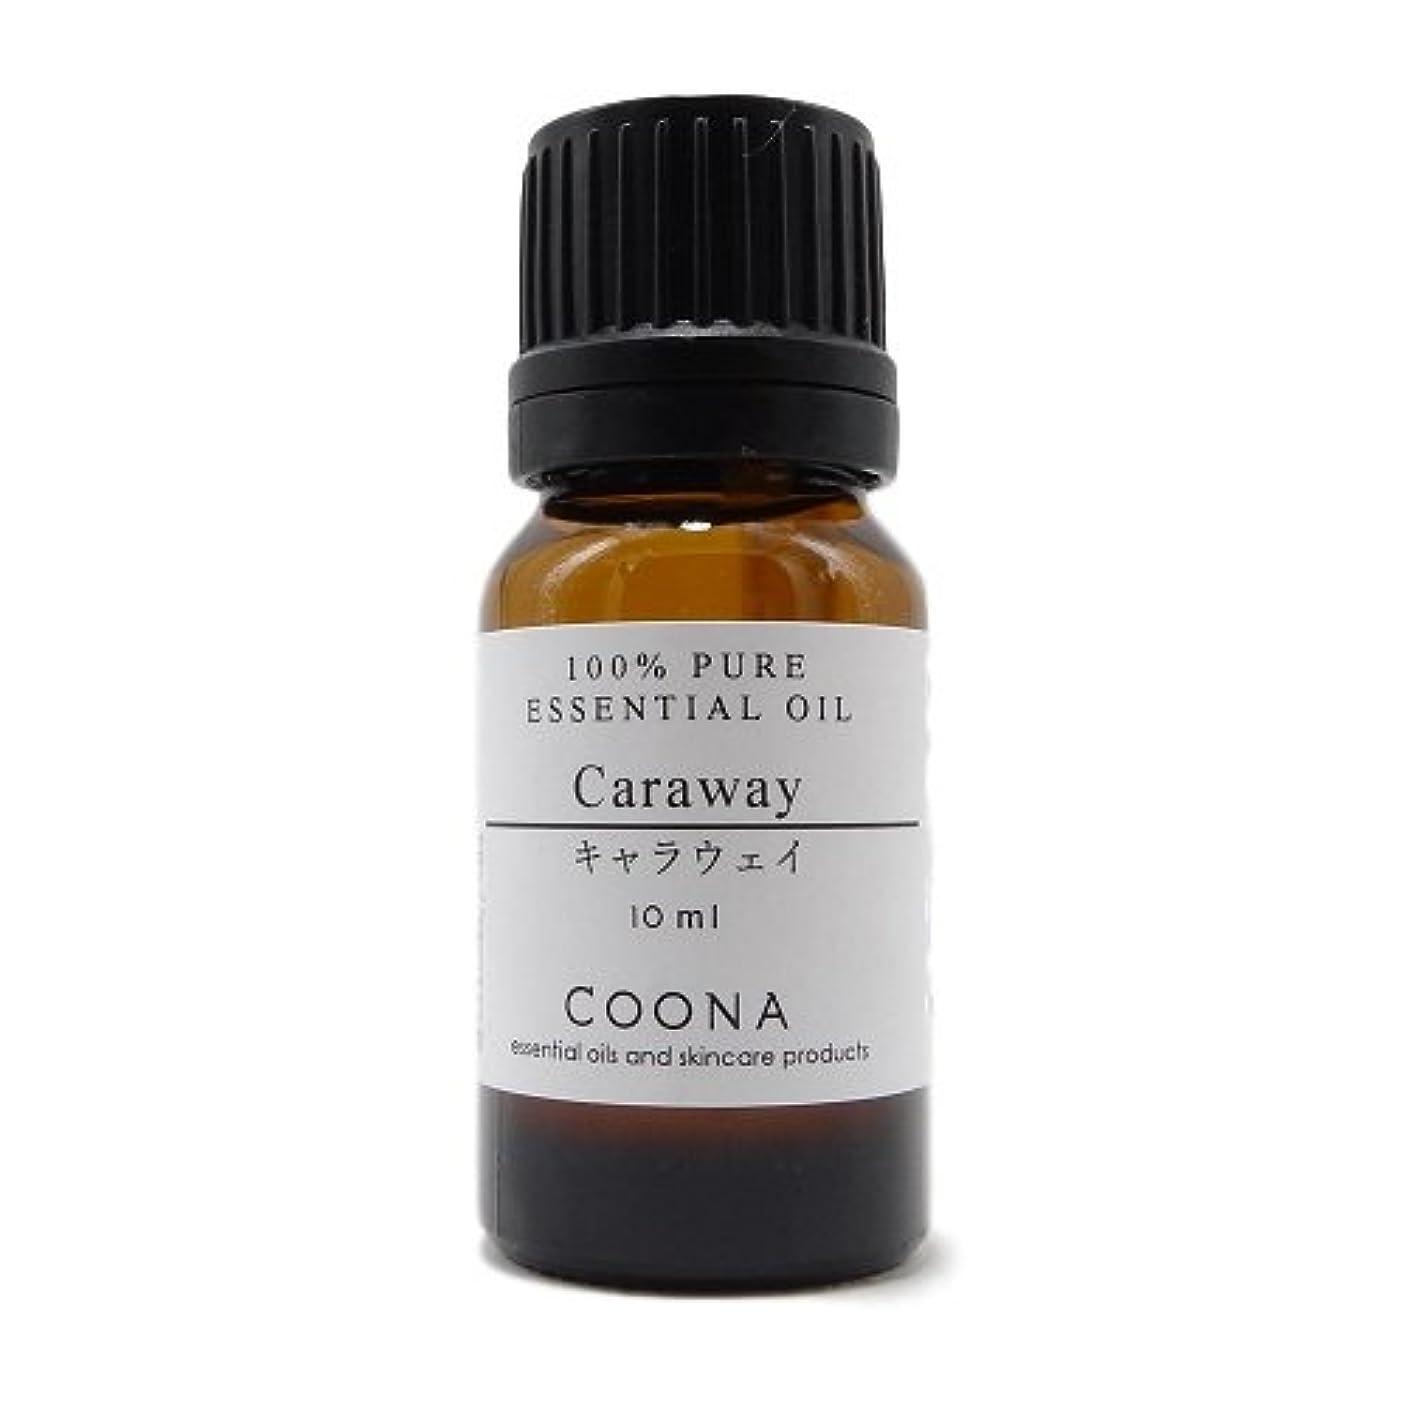 懐疑論複雑なクラシカルキャラウェイ 10 ml (COONA エッセンシャルオイル アロマオイル 100%天然植物精油)